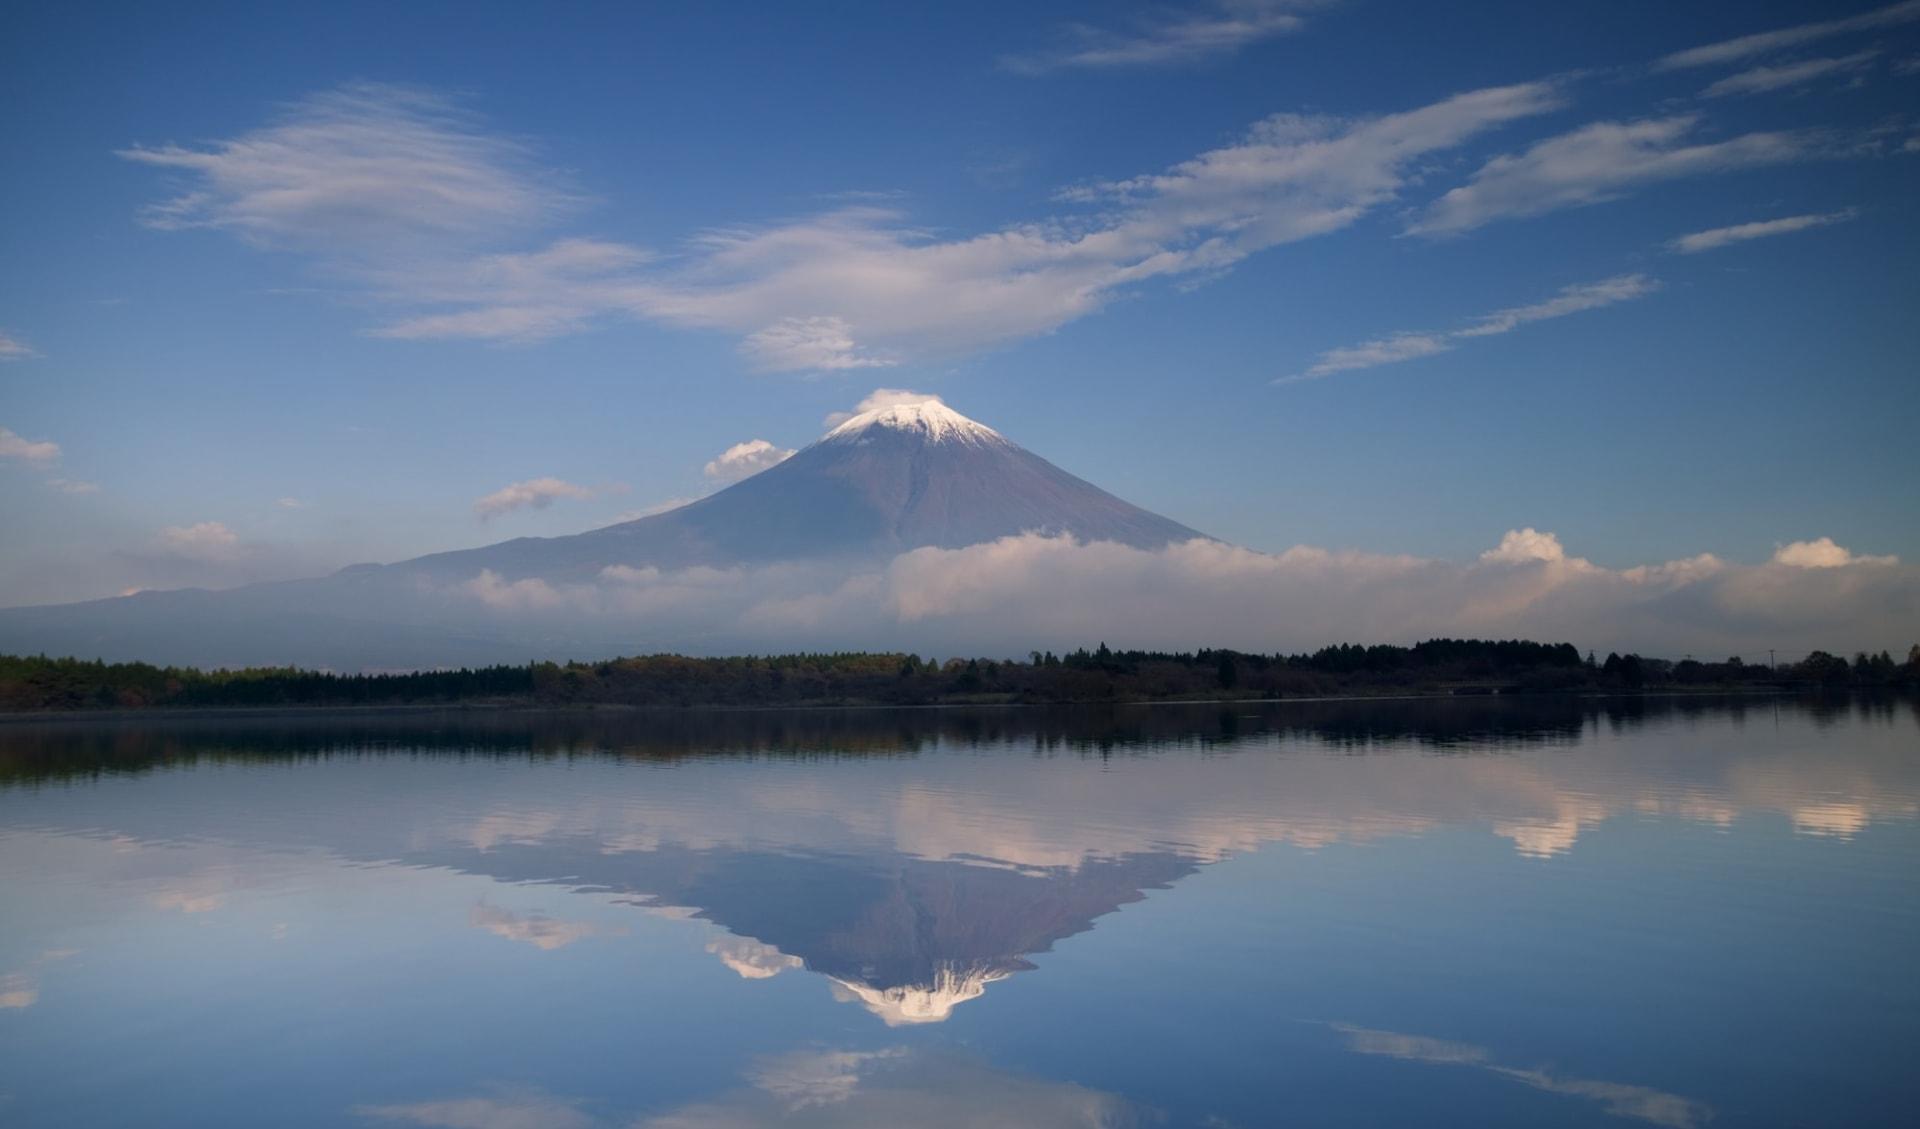 Gruppenreise «Glanzlichter Japans» ab Tokio: Mount Fuji (3)